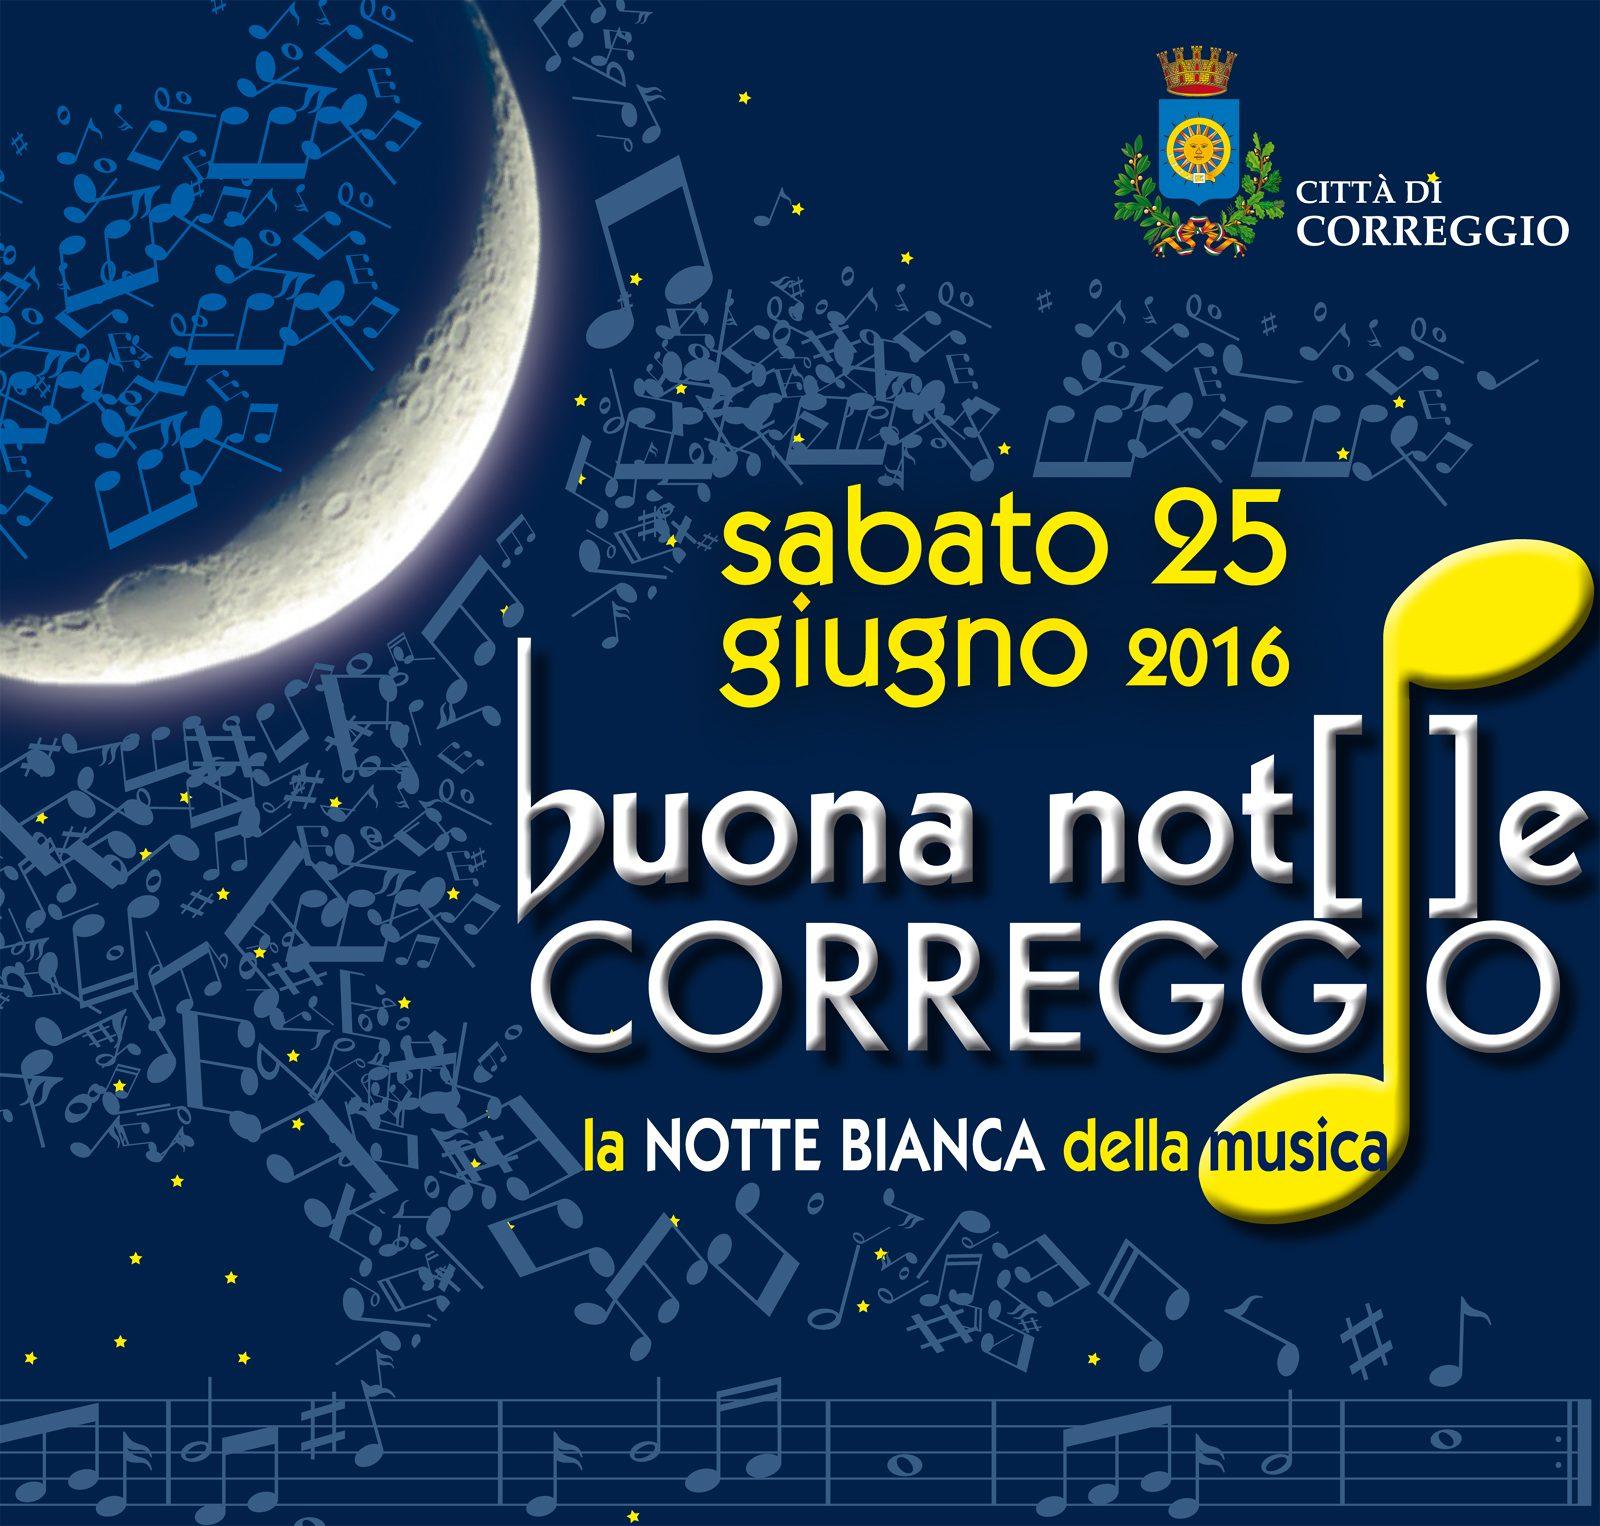 Una Notte Bianca Della Musica Sabato 25 Giugno Ritorna